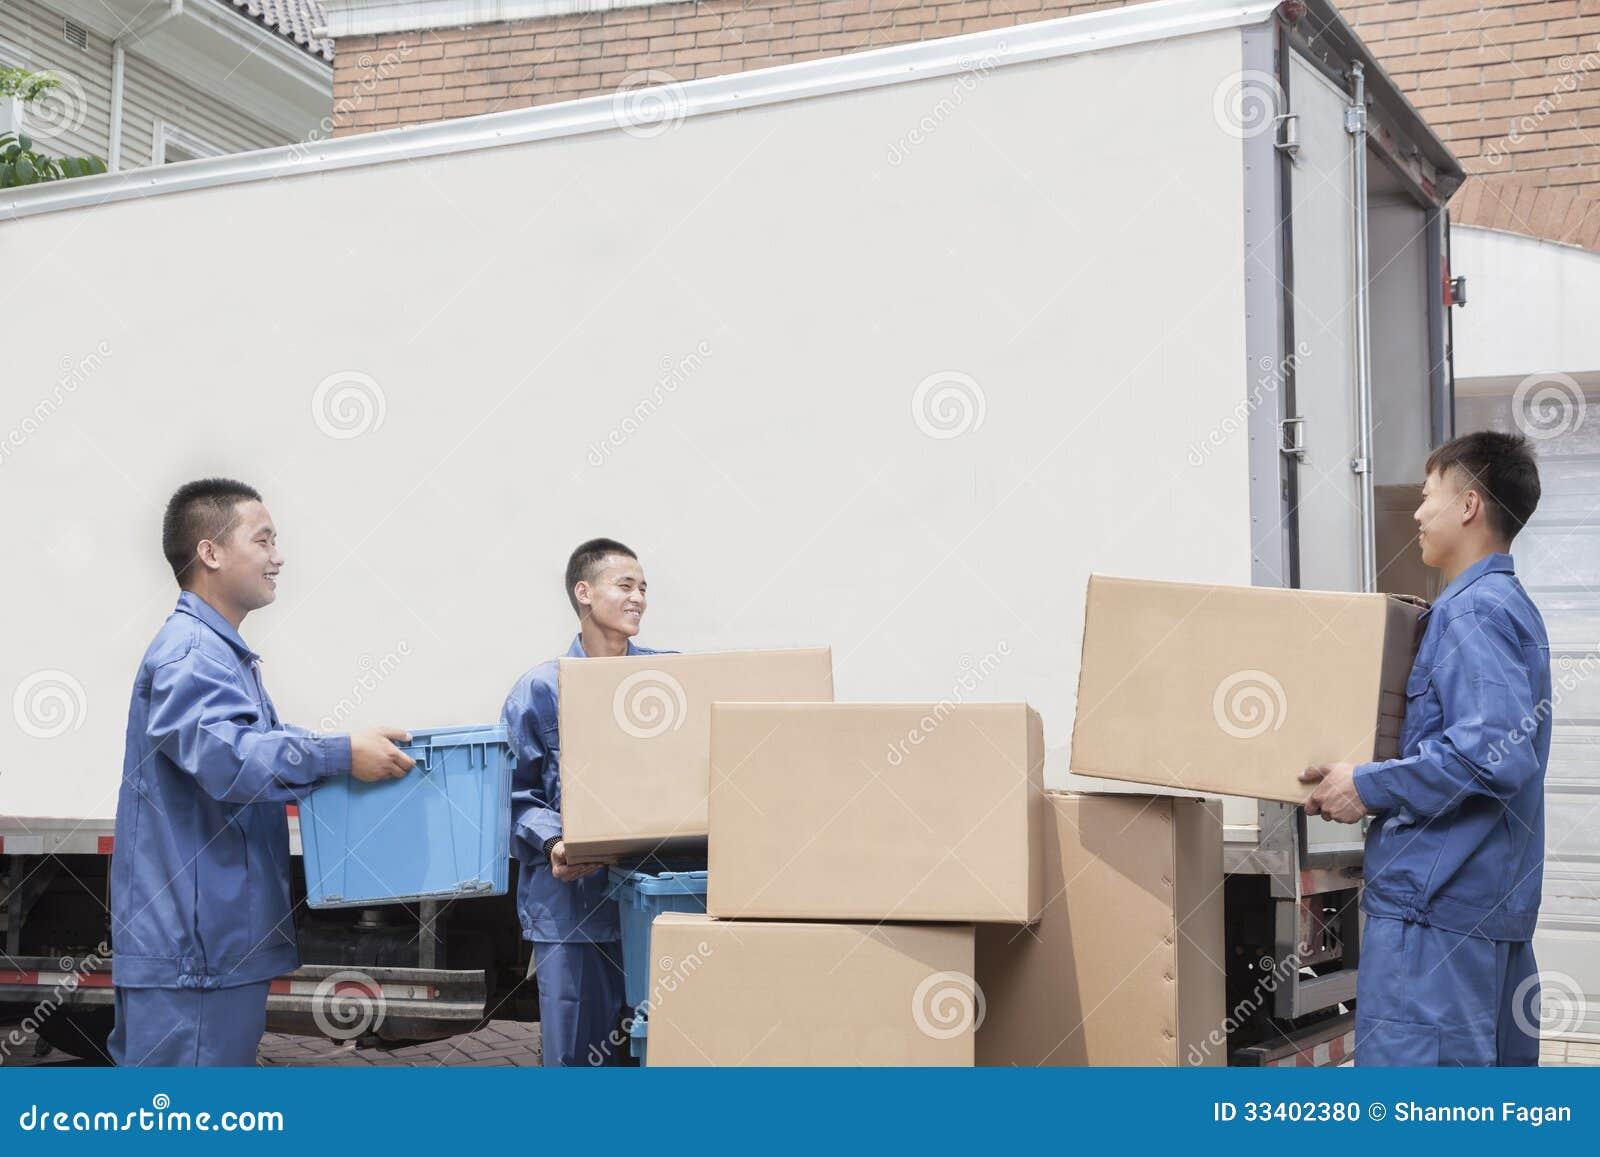 卸载一辆移动货车,许多被堆积的纸板箱的搬家工人